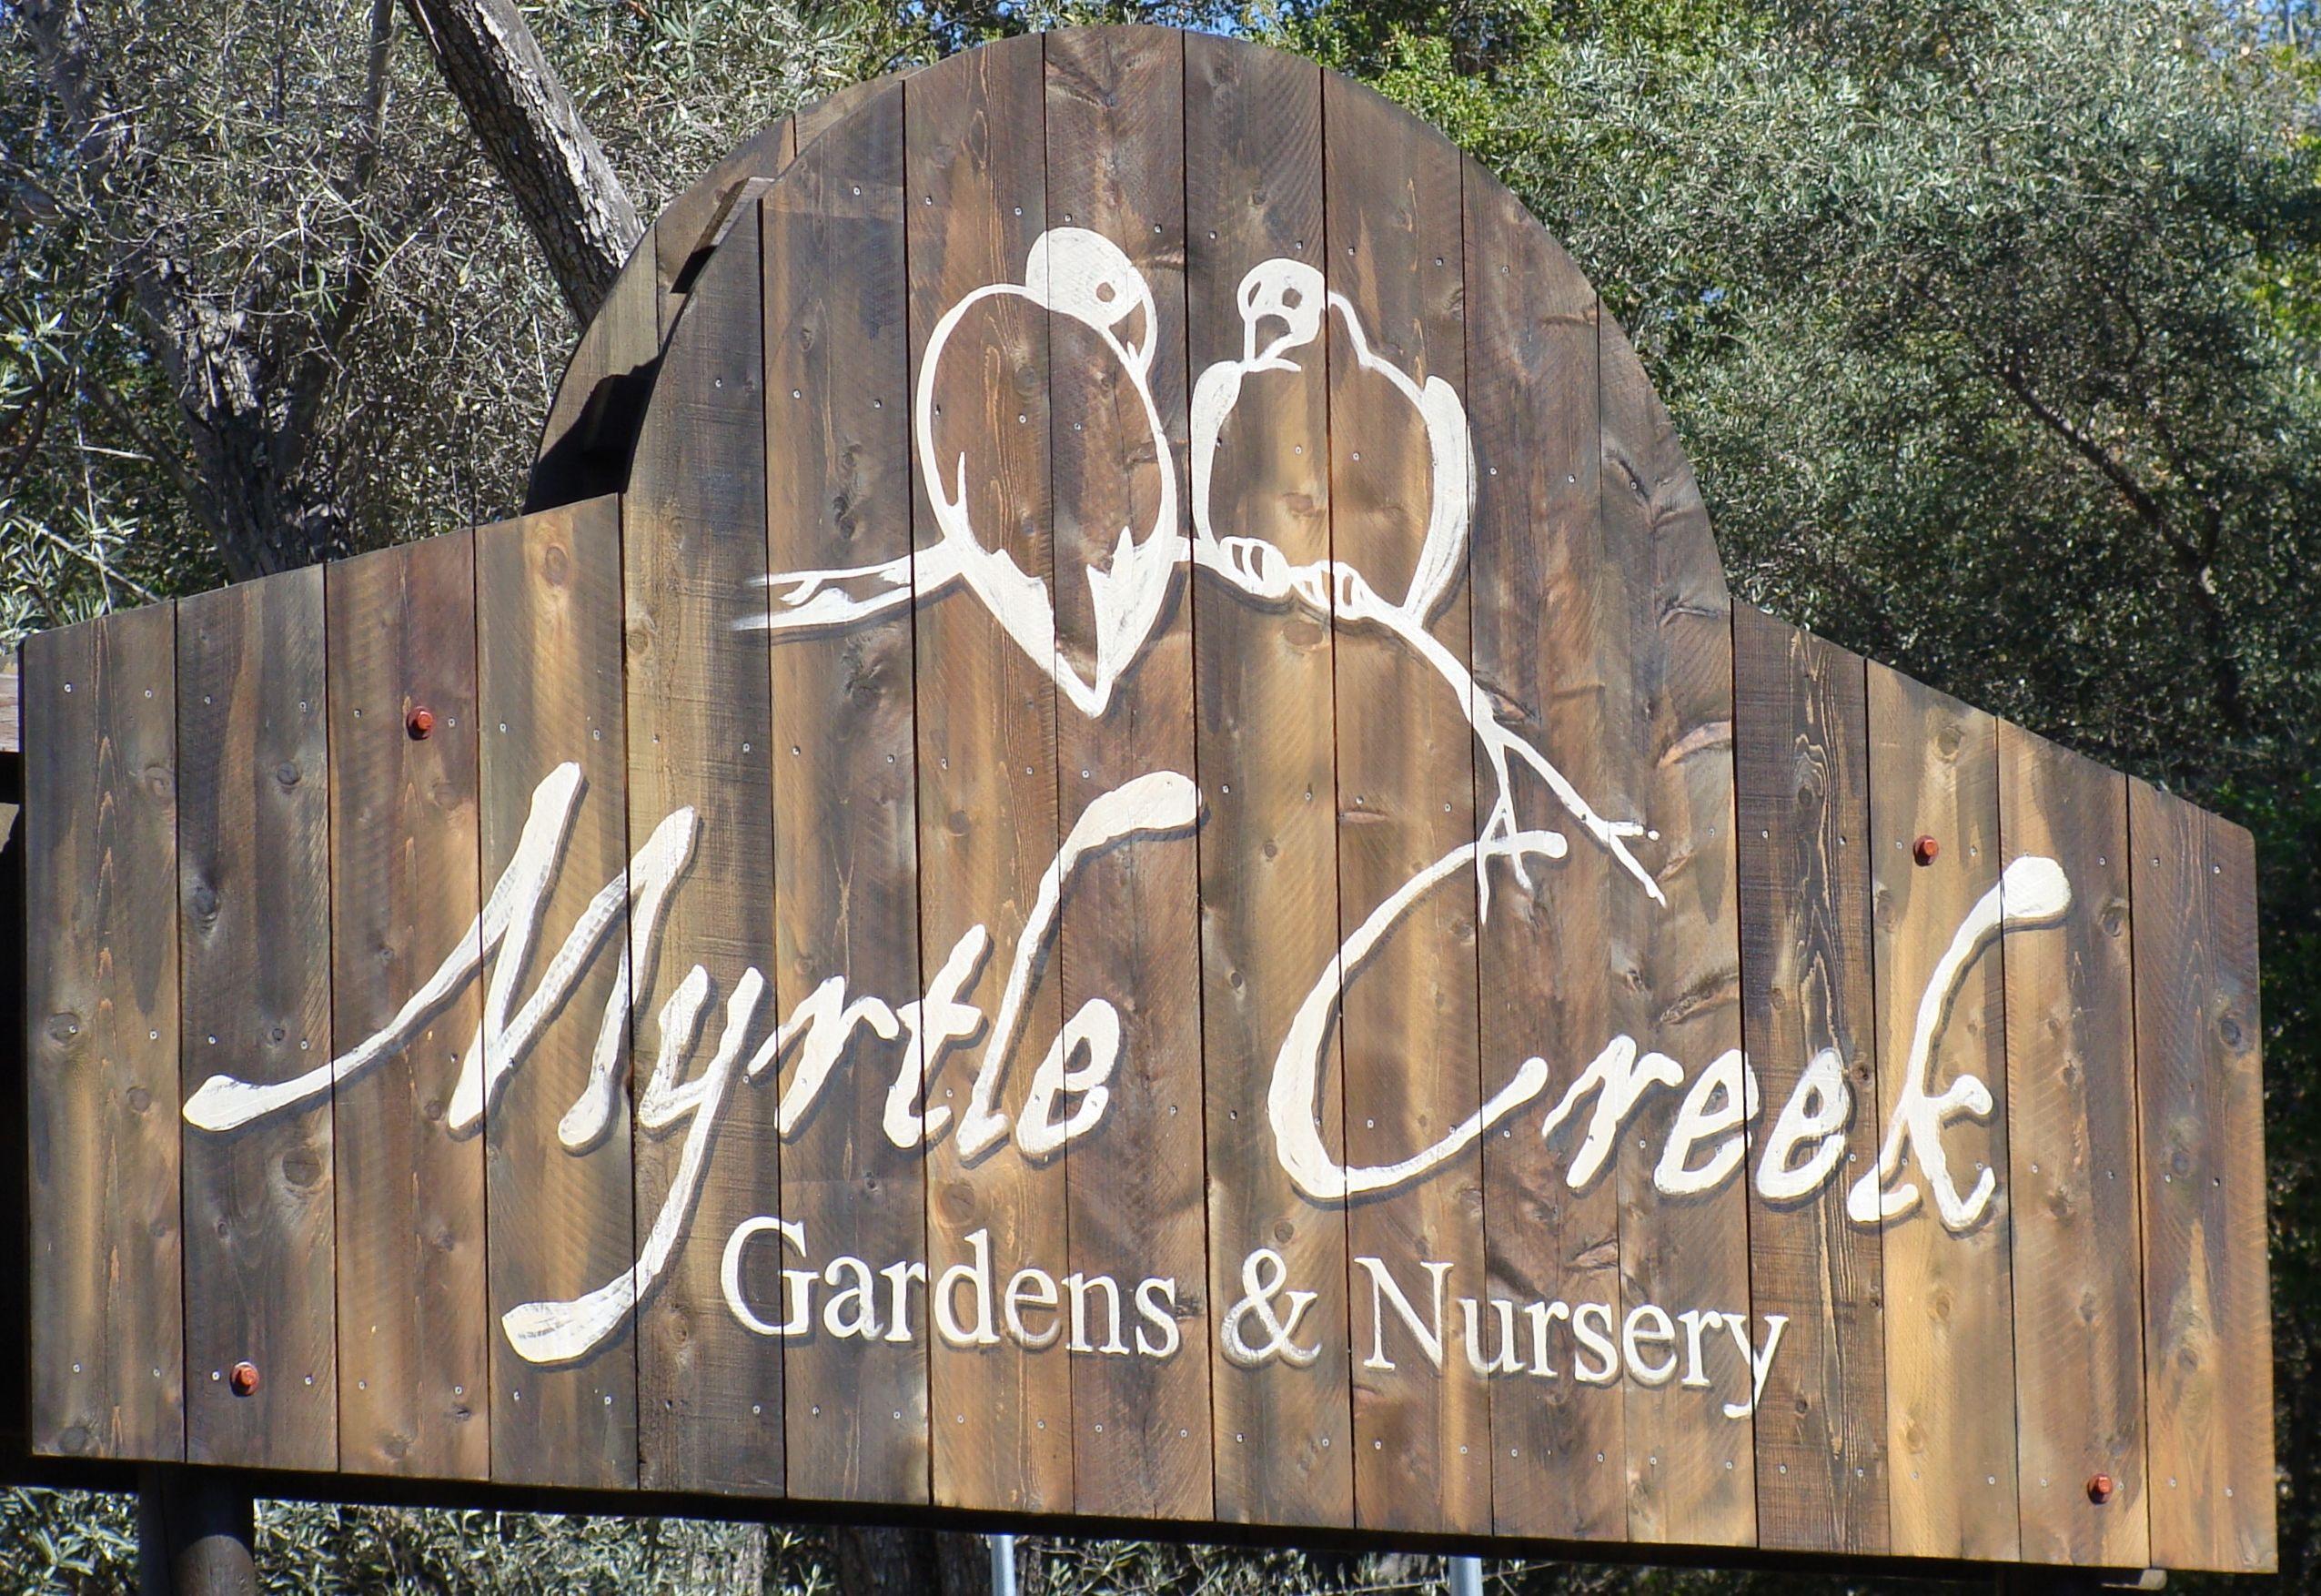 3a61ae915a0b88fc38258f4b52fe9261 - Myrtle Creek Botanical Gardens & Nursery Fallbrook Ca